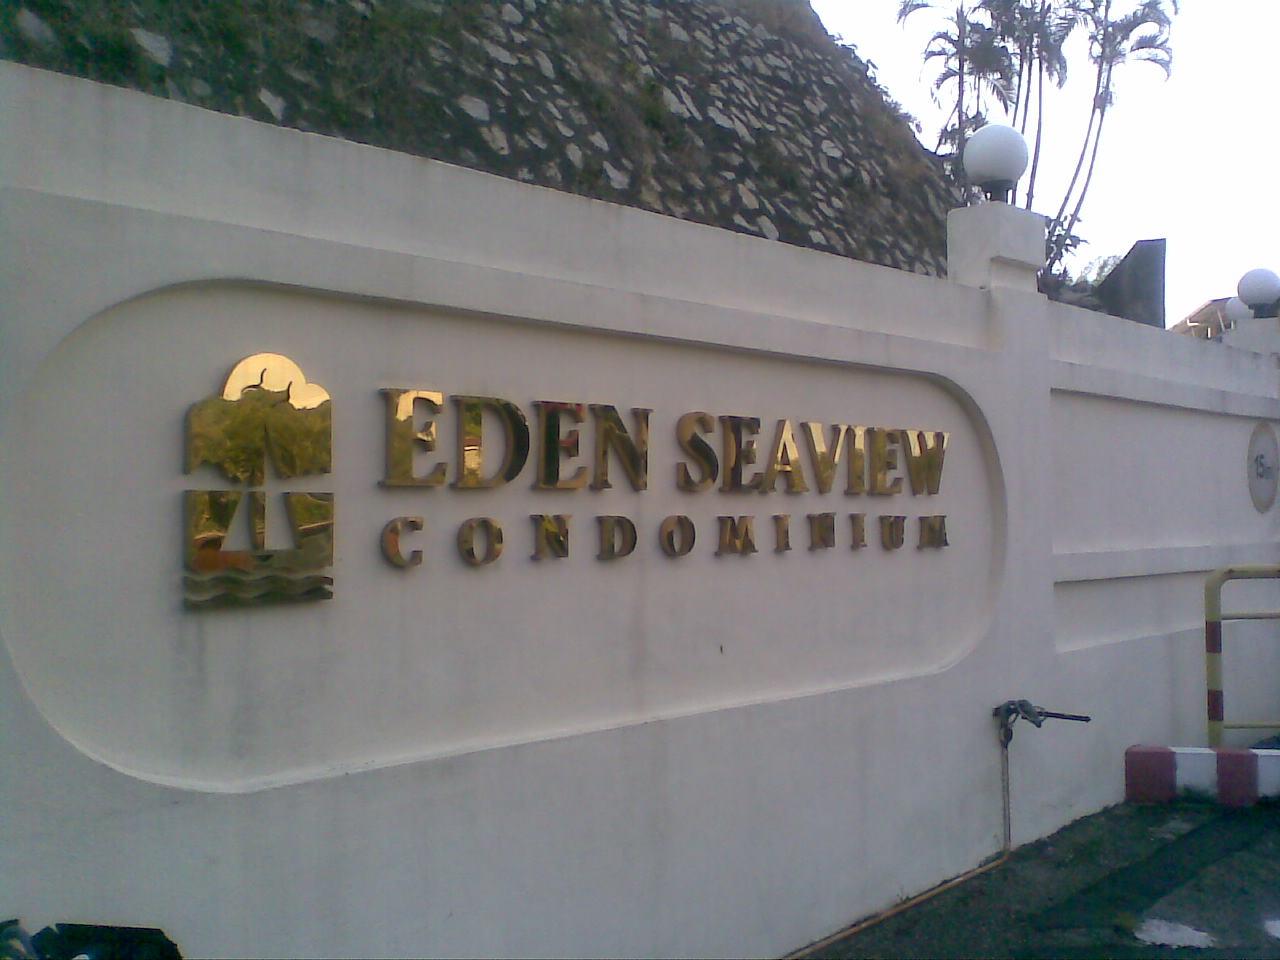 Eden Seaview, Batu Ferringhi